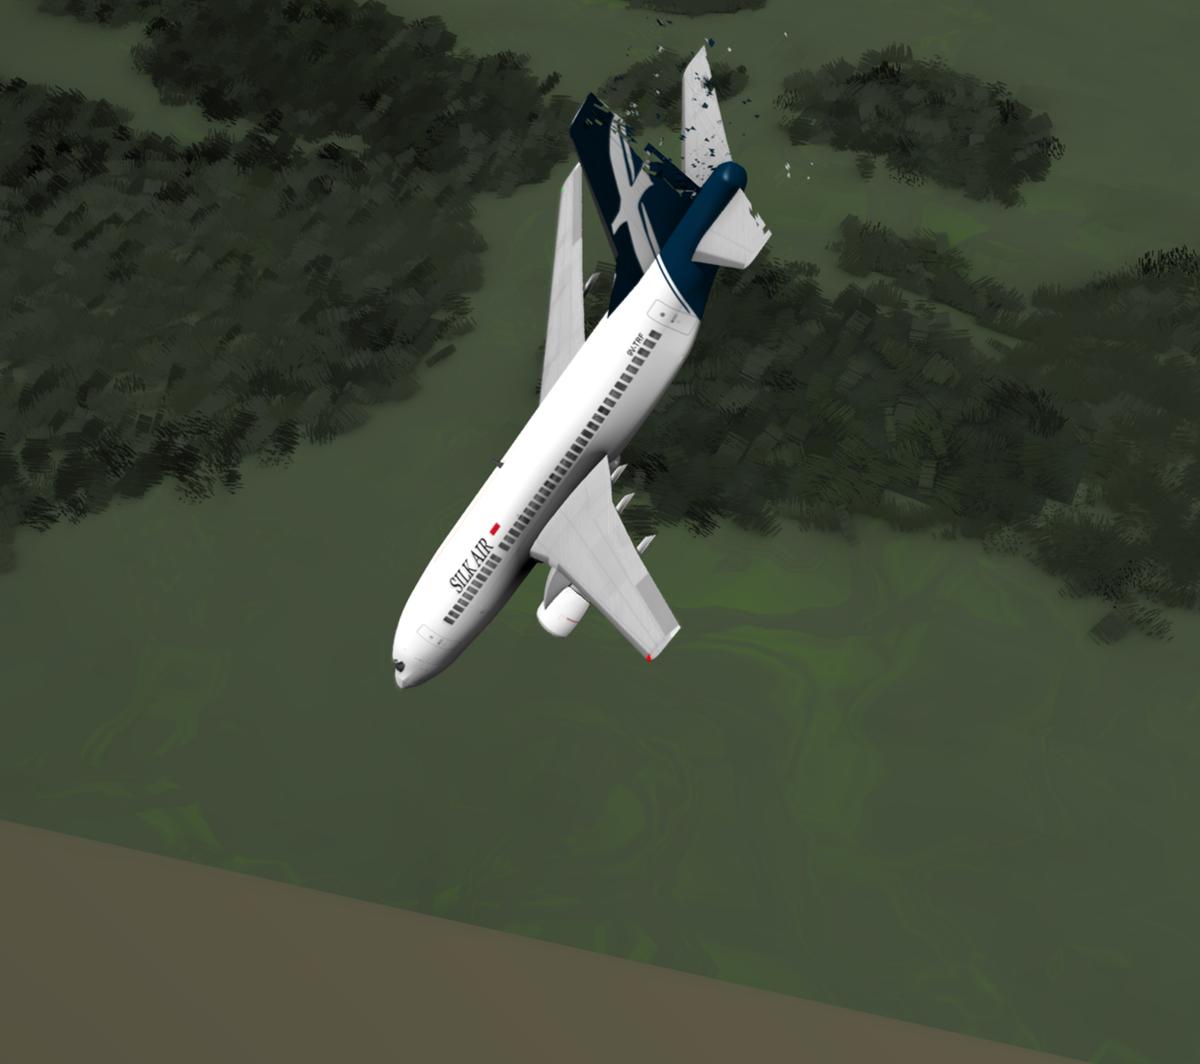 Самоубийство пилота — Википедия